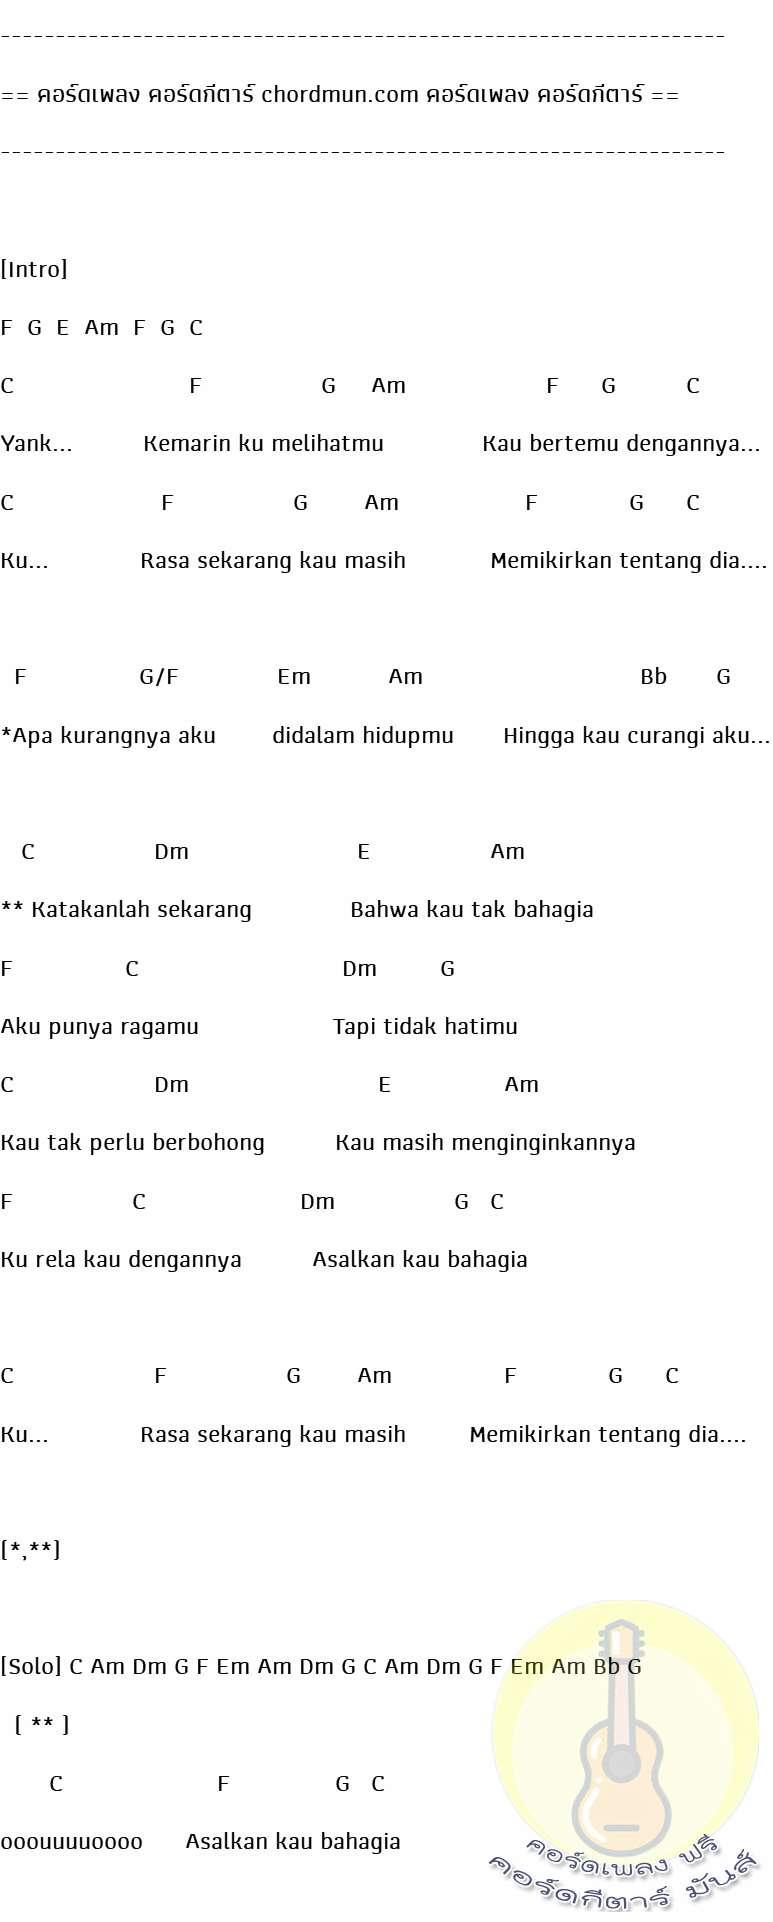 คอร์ดกีต้า ง่ายๆ  เพลง Asal Kau Bahagia